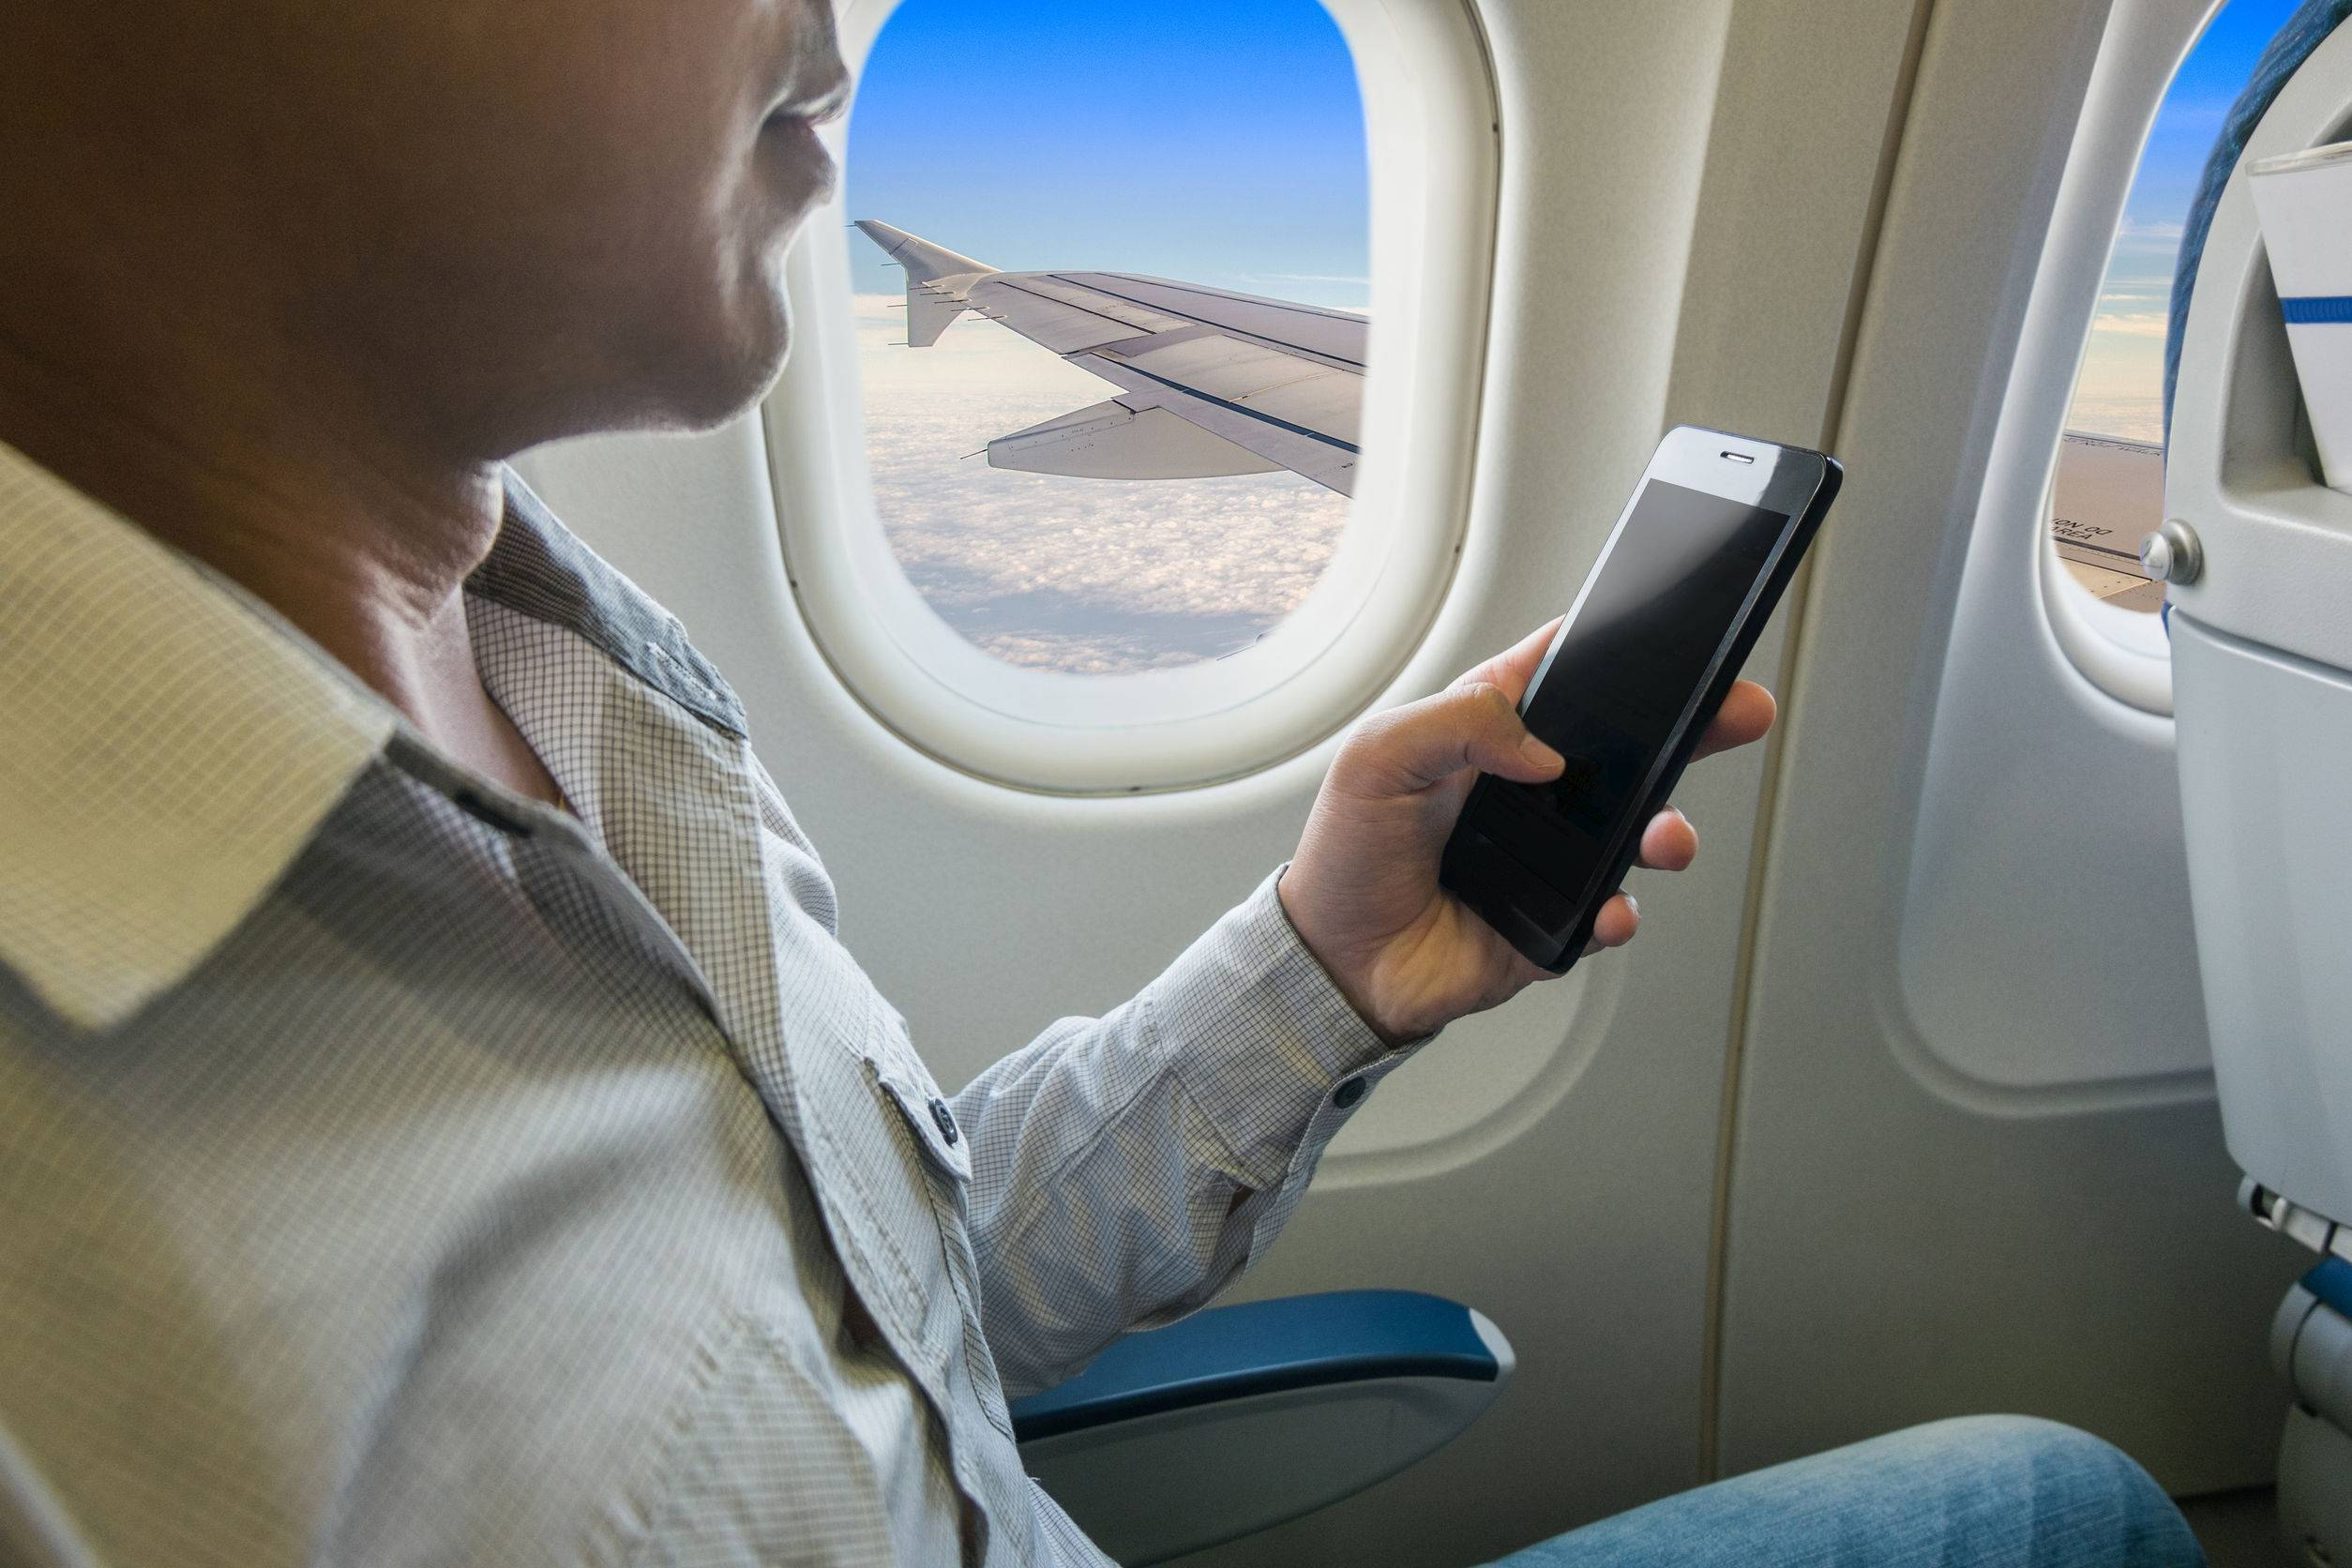 Почему всамолете нужно выключать мобильный? отвечаем напопулярные вопросы пассажиров